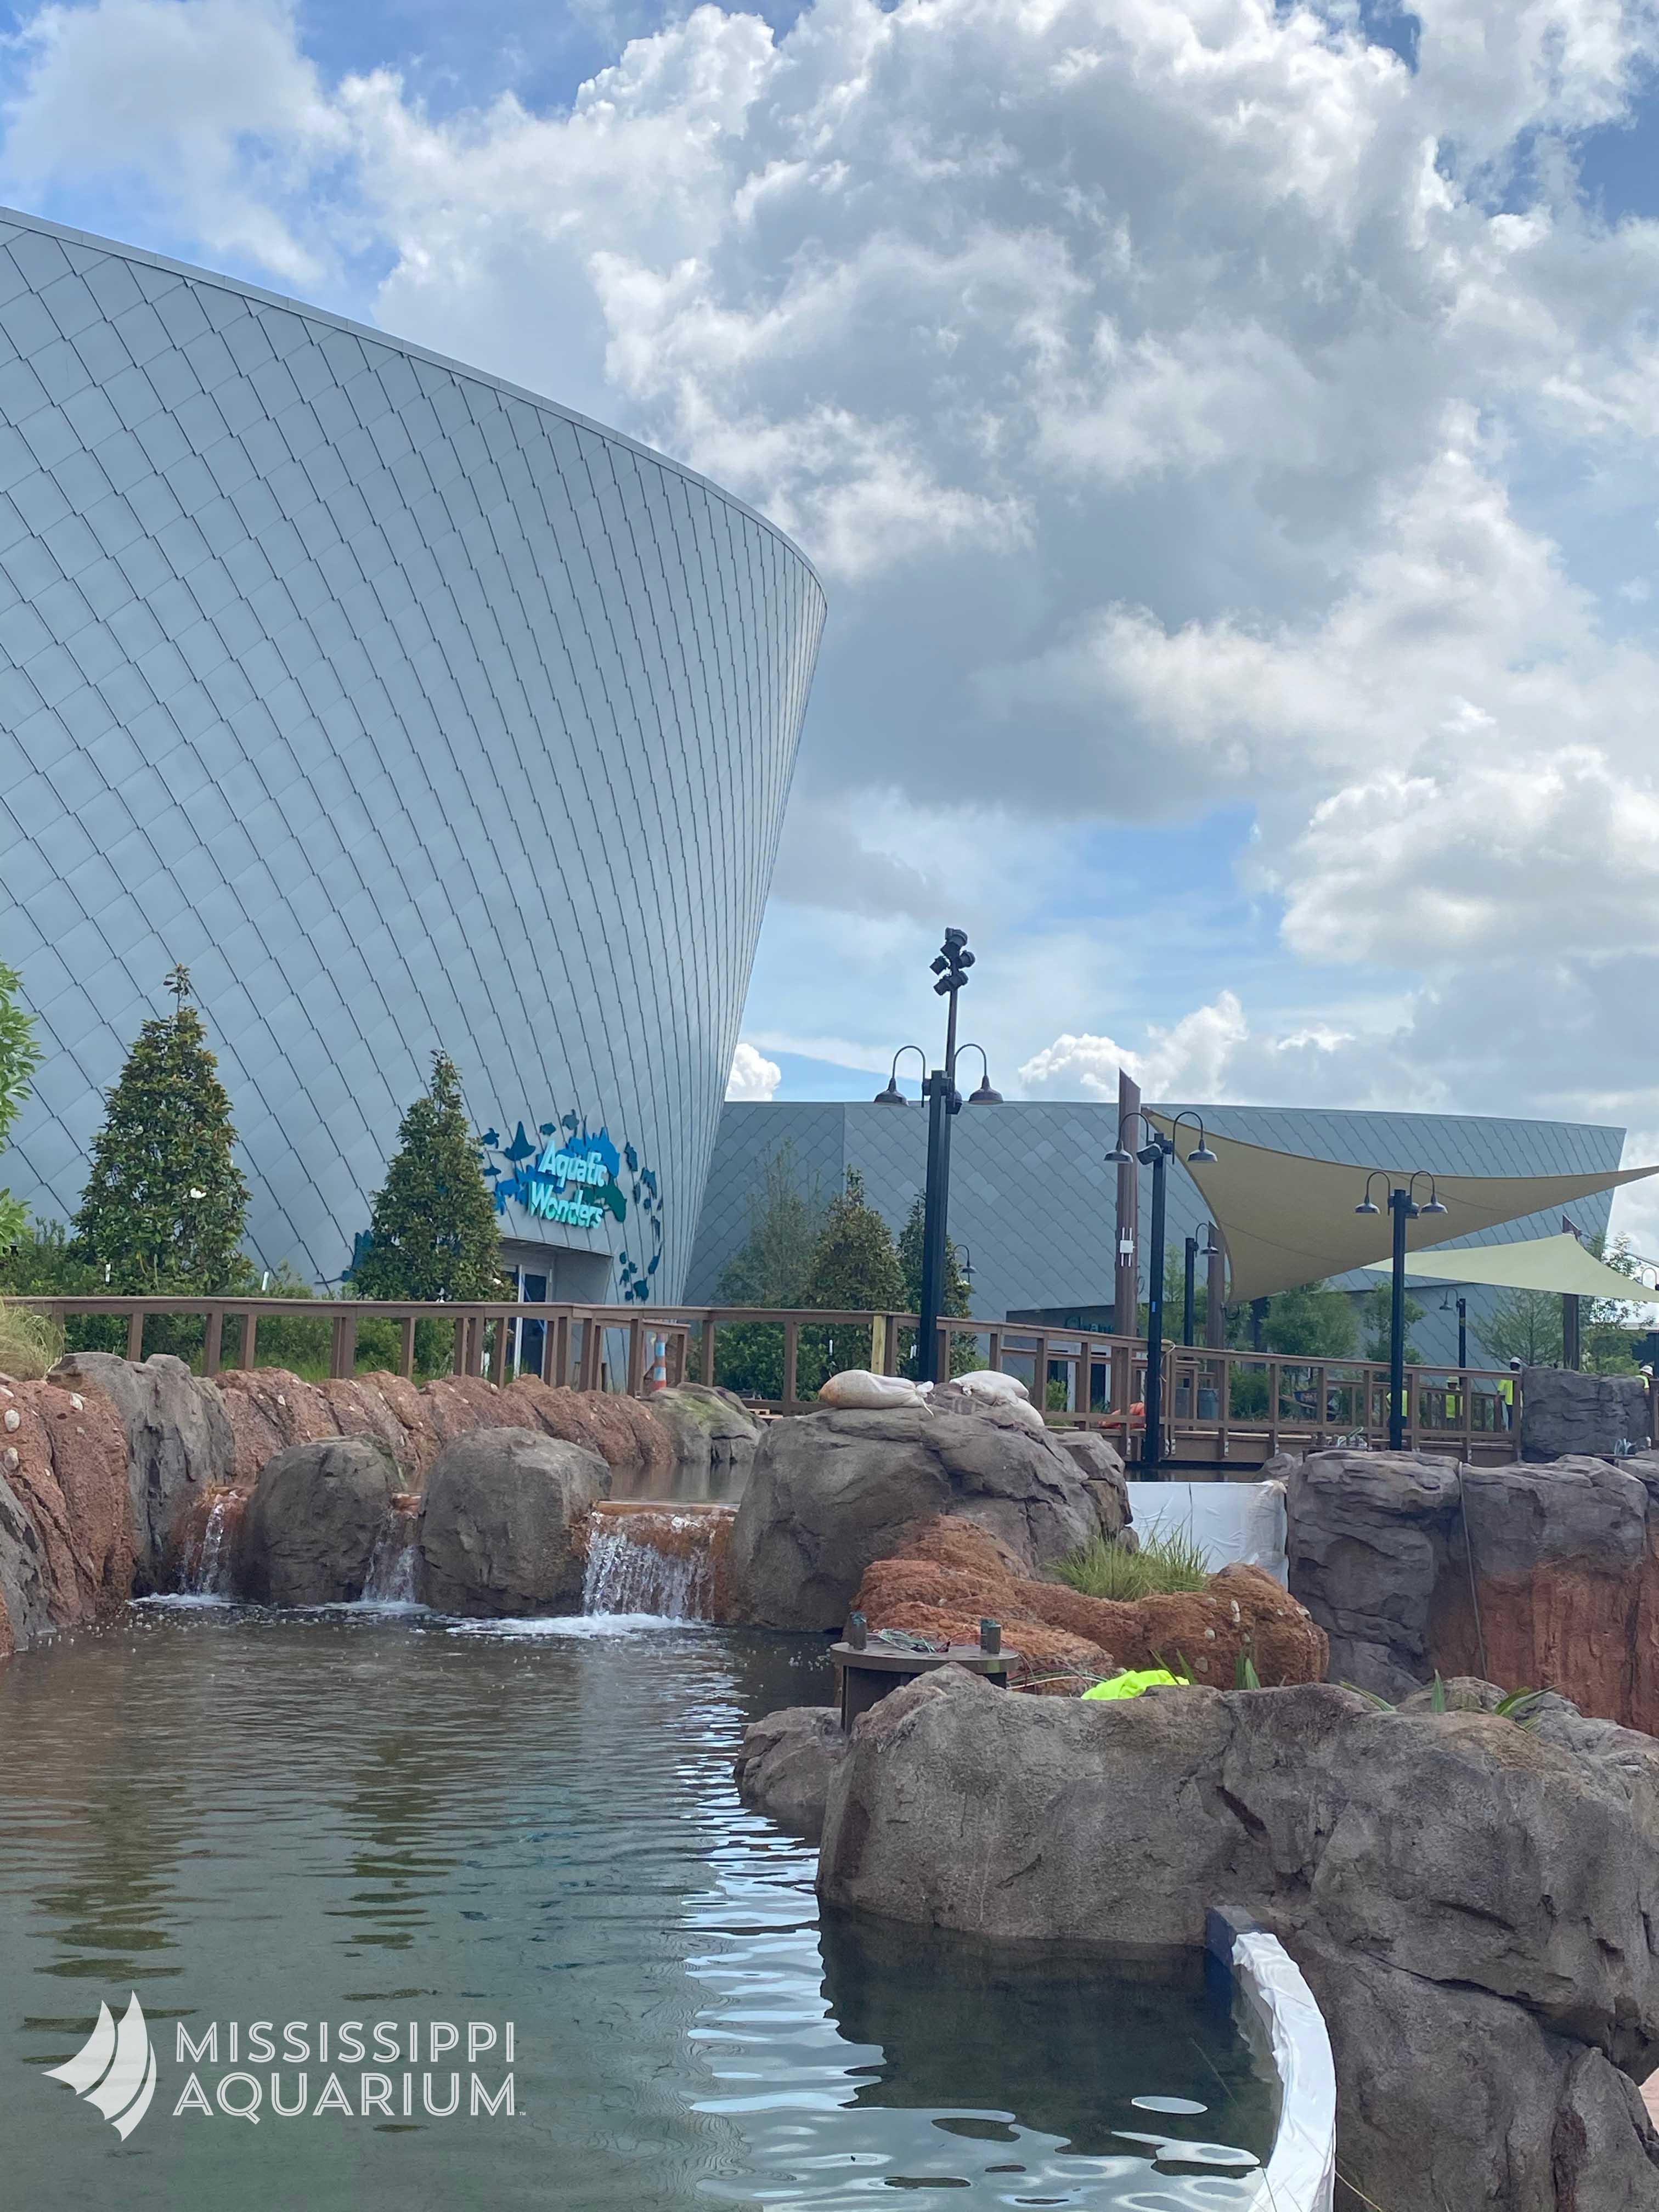 Mississippi Aquarium Aquatic Wonders